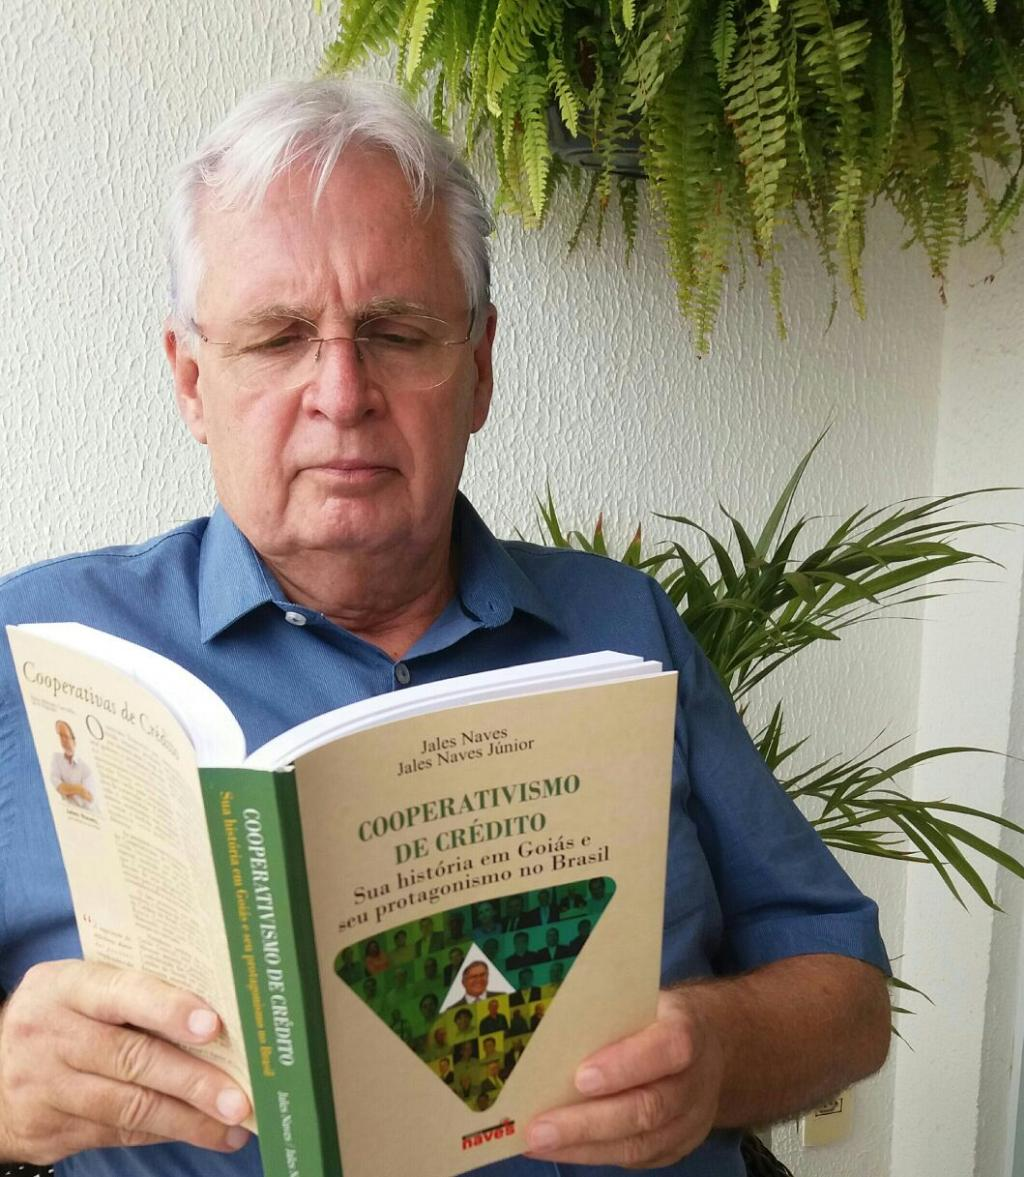 Luiz Becker